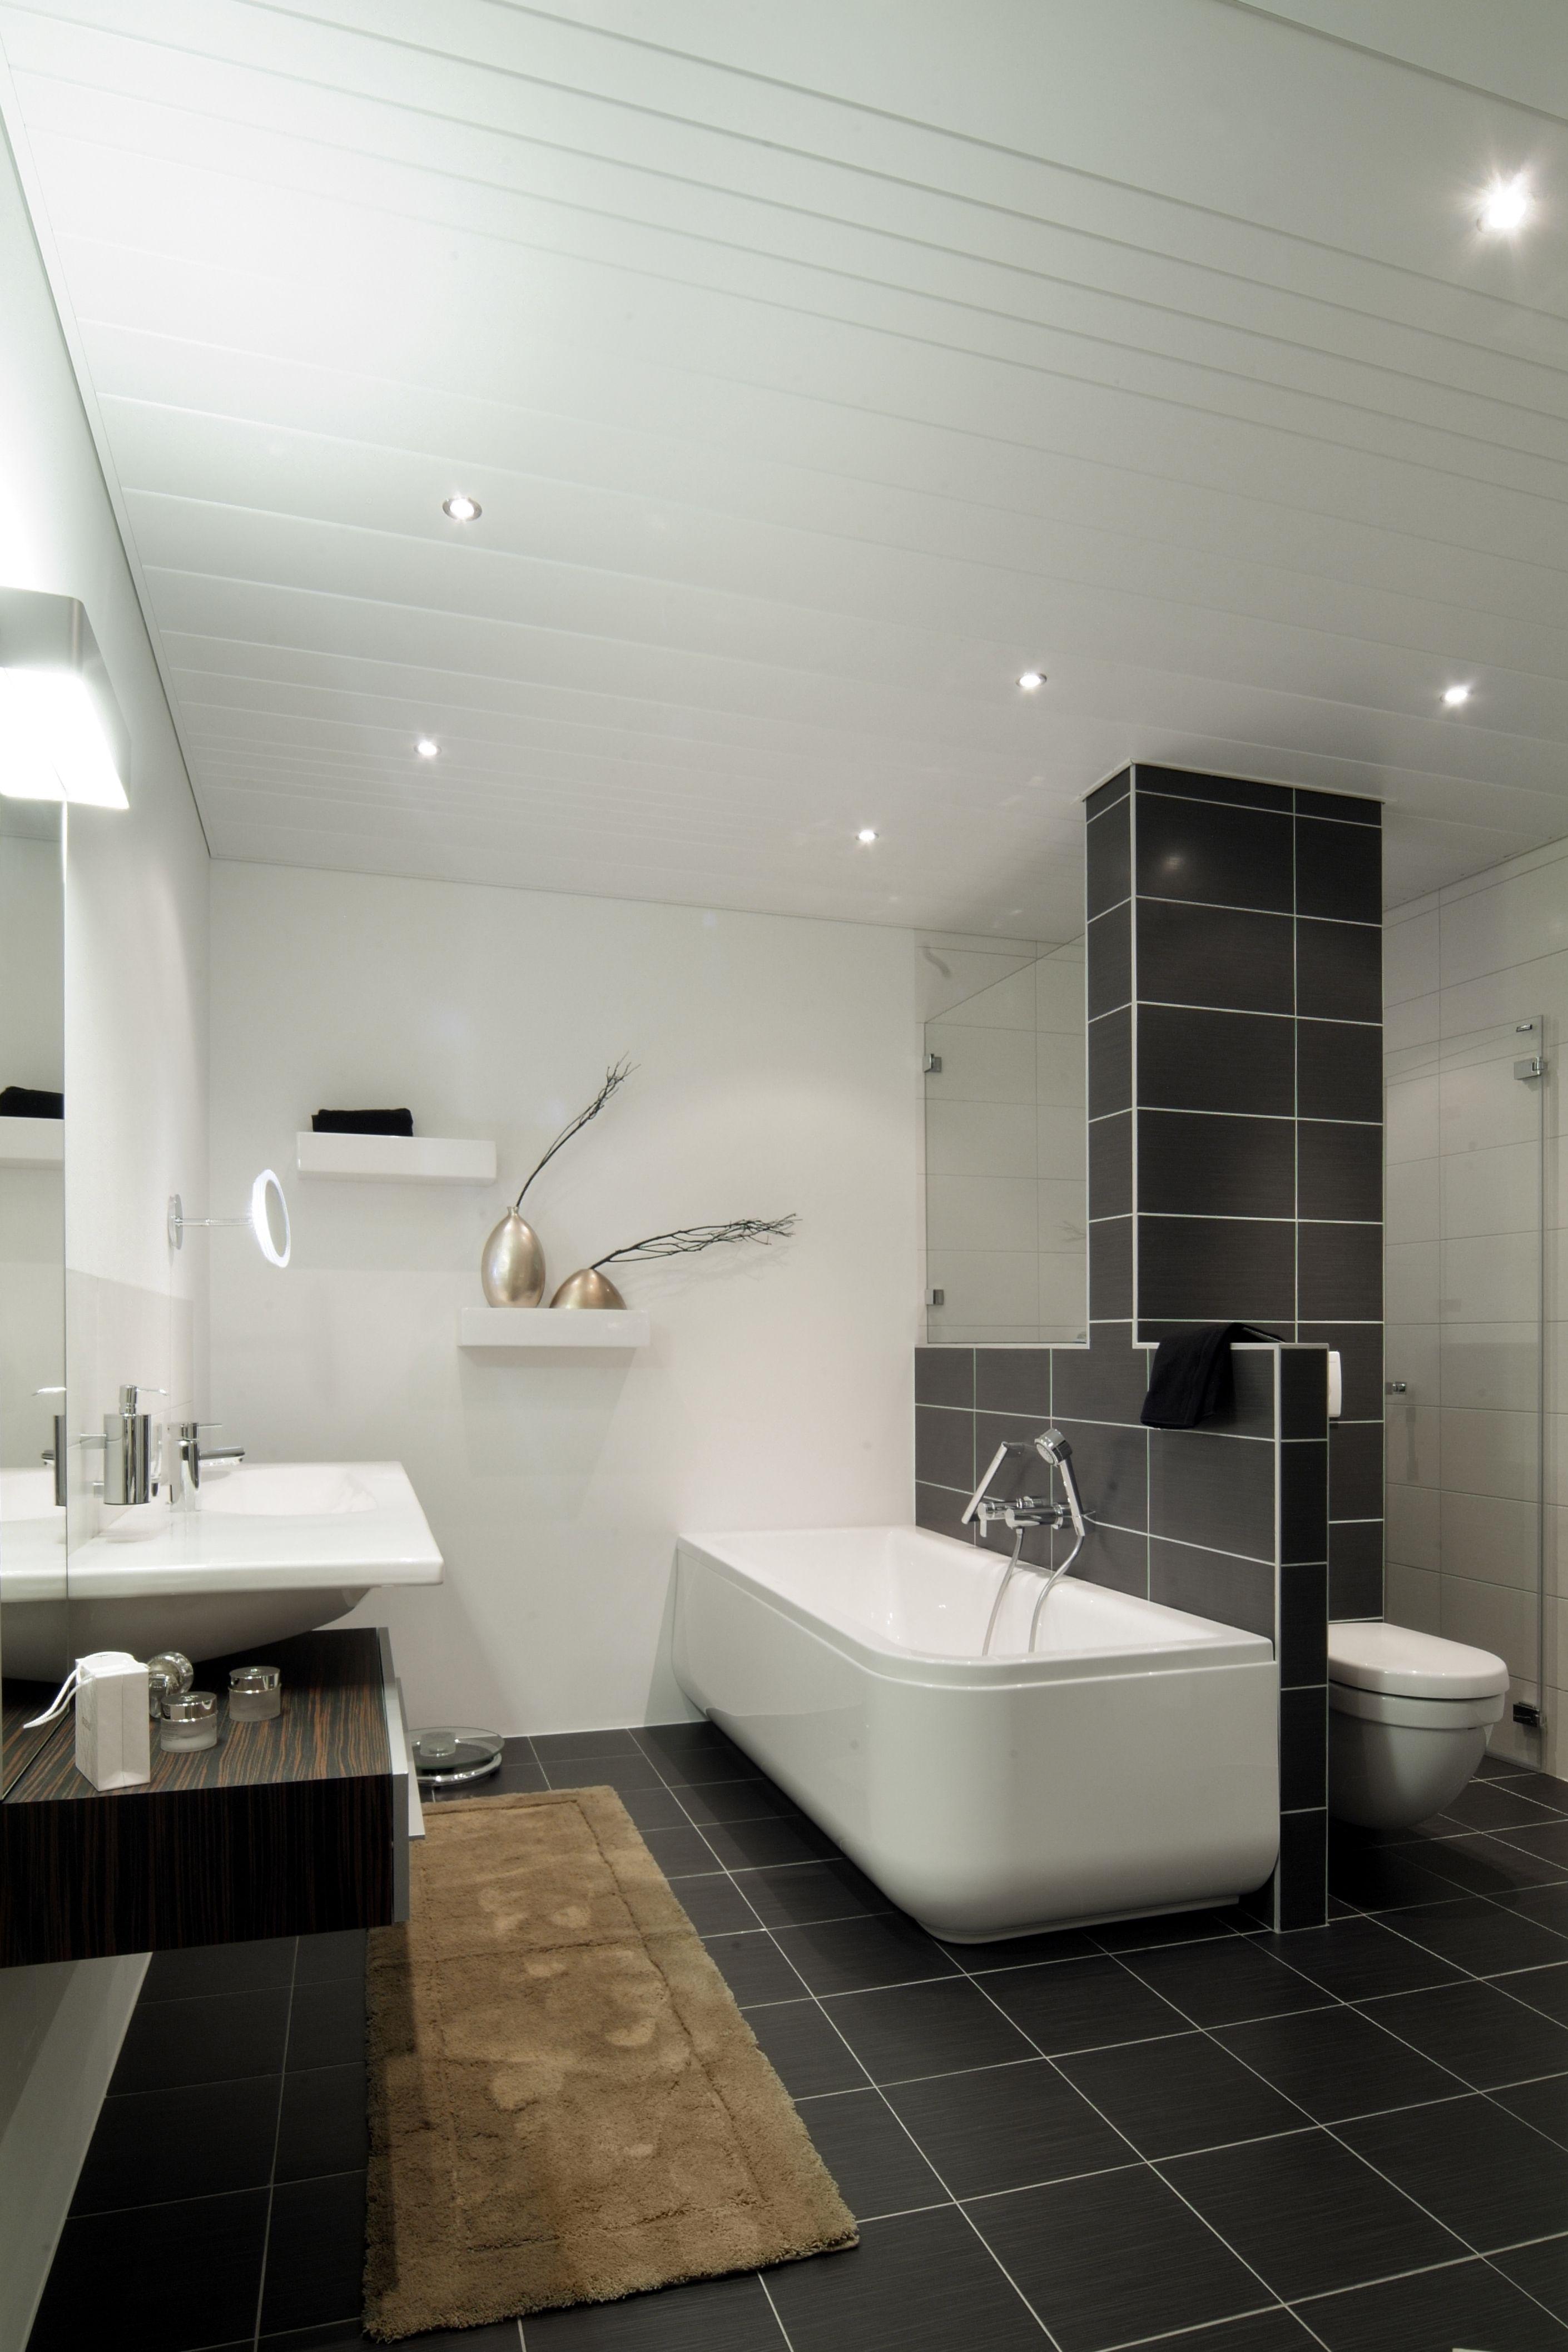 Luxalon I Aluminium I Plafond I Badkamer | Huisje | Pinterest | House